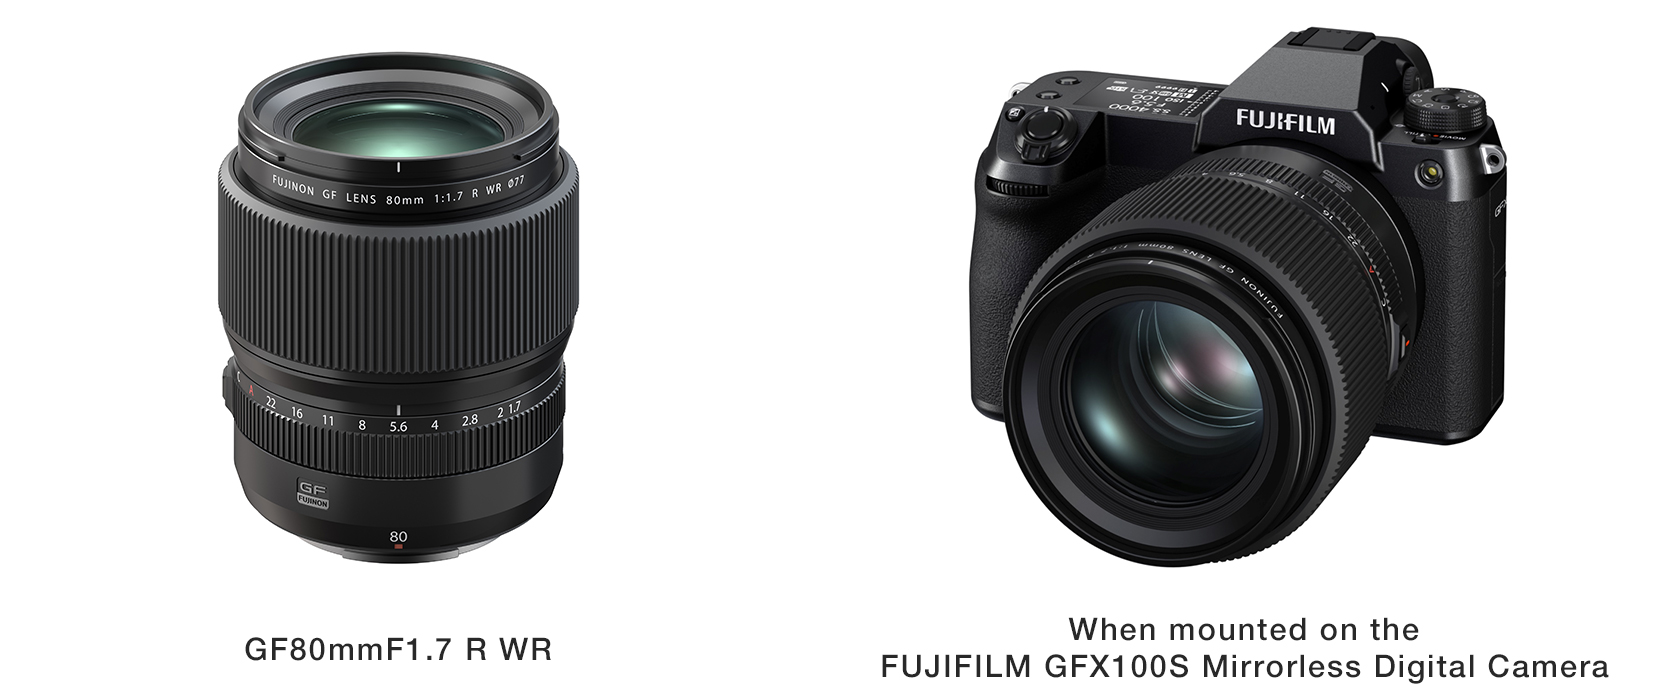 [Image]GF80mmF1.7 R WR